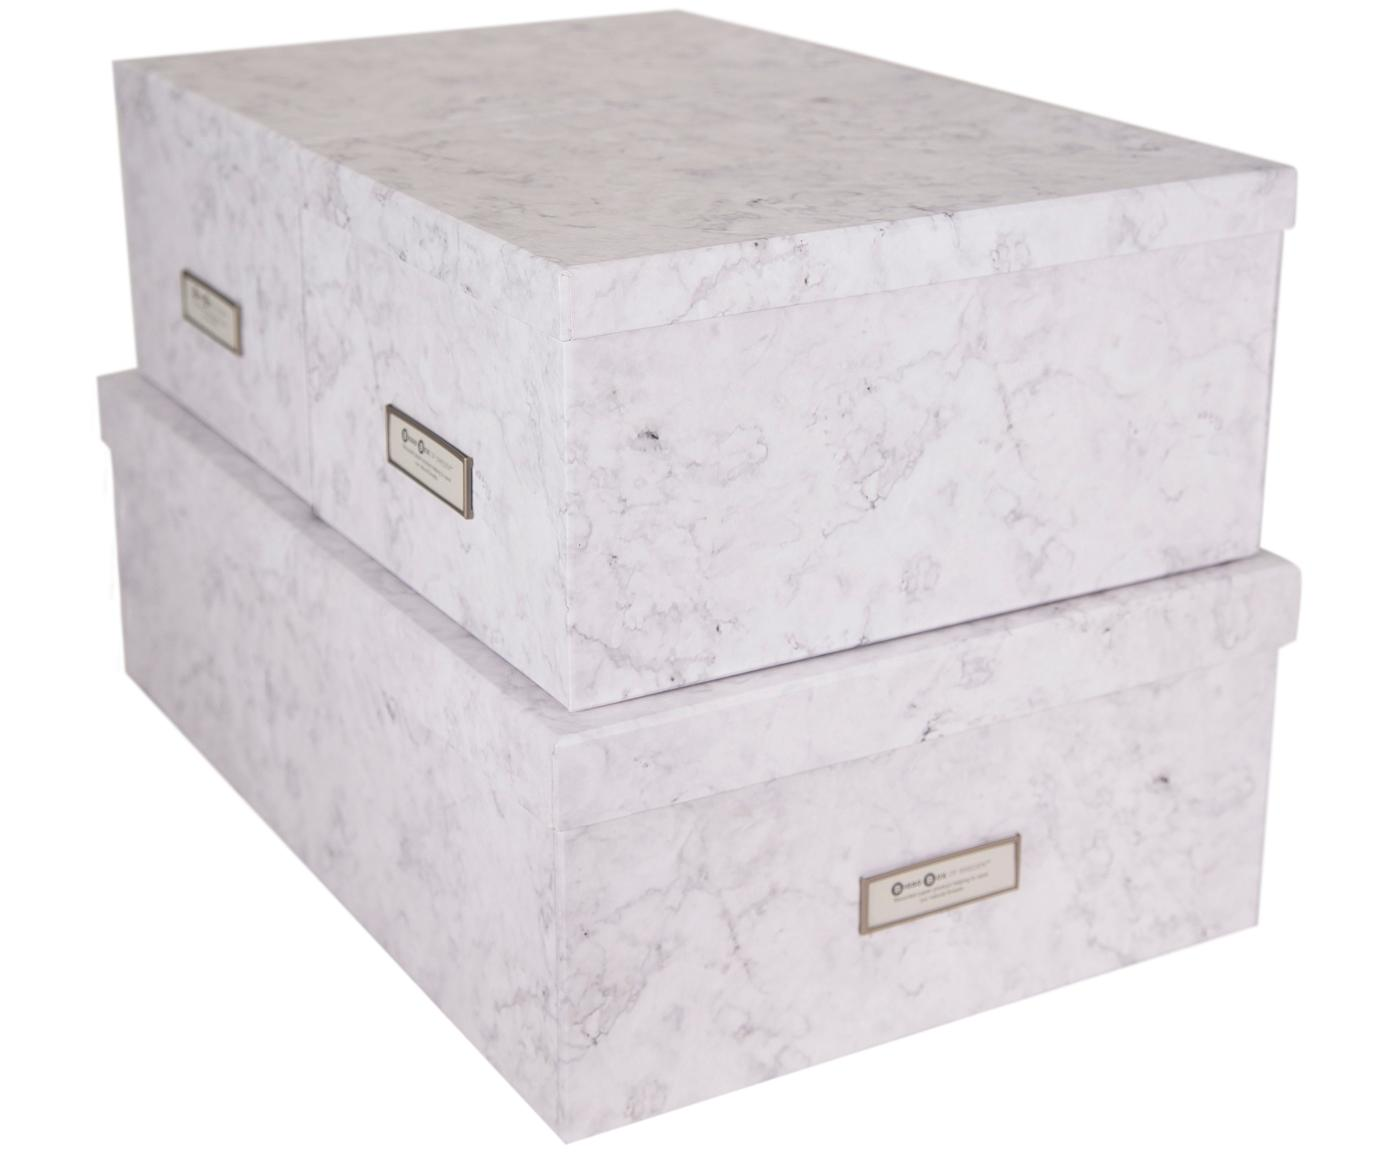 Komplet pudełek do przechowywania Inge, 3 elem., Biały, marmurowy, Różne rozmiary